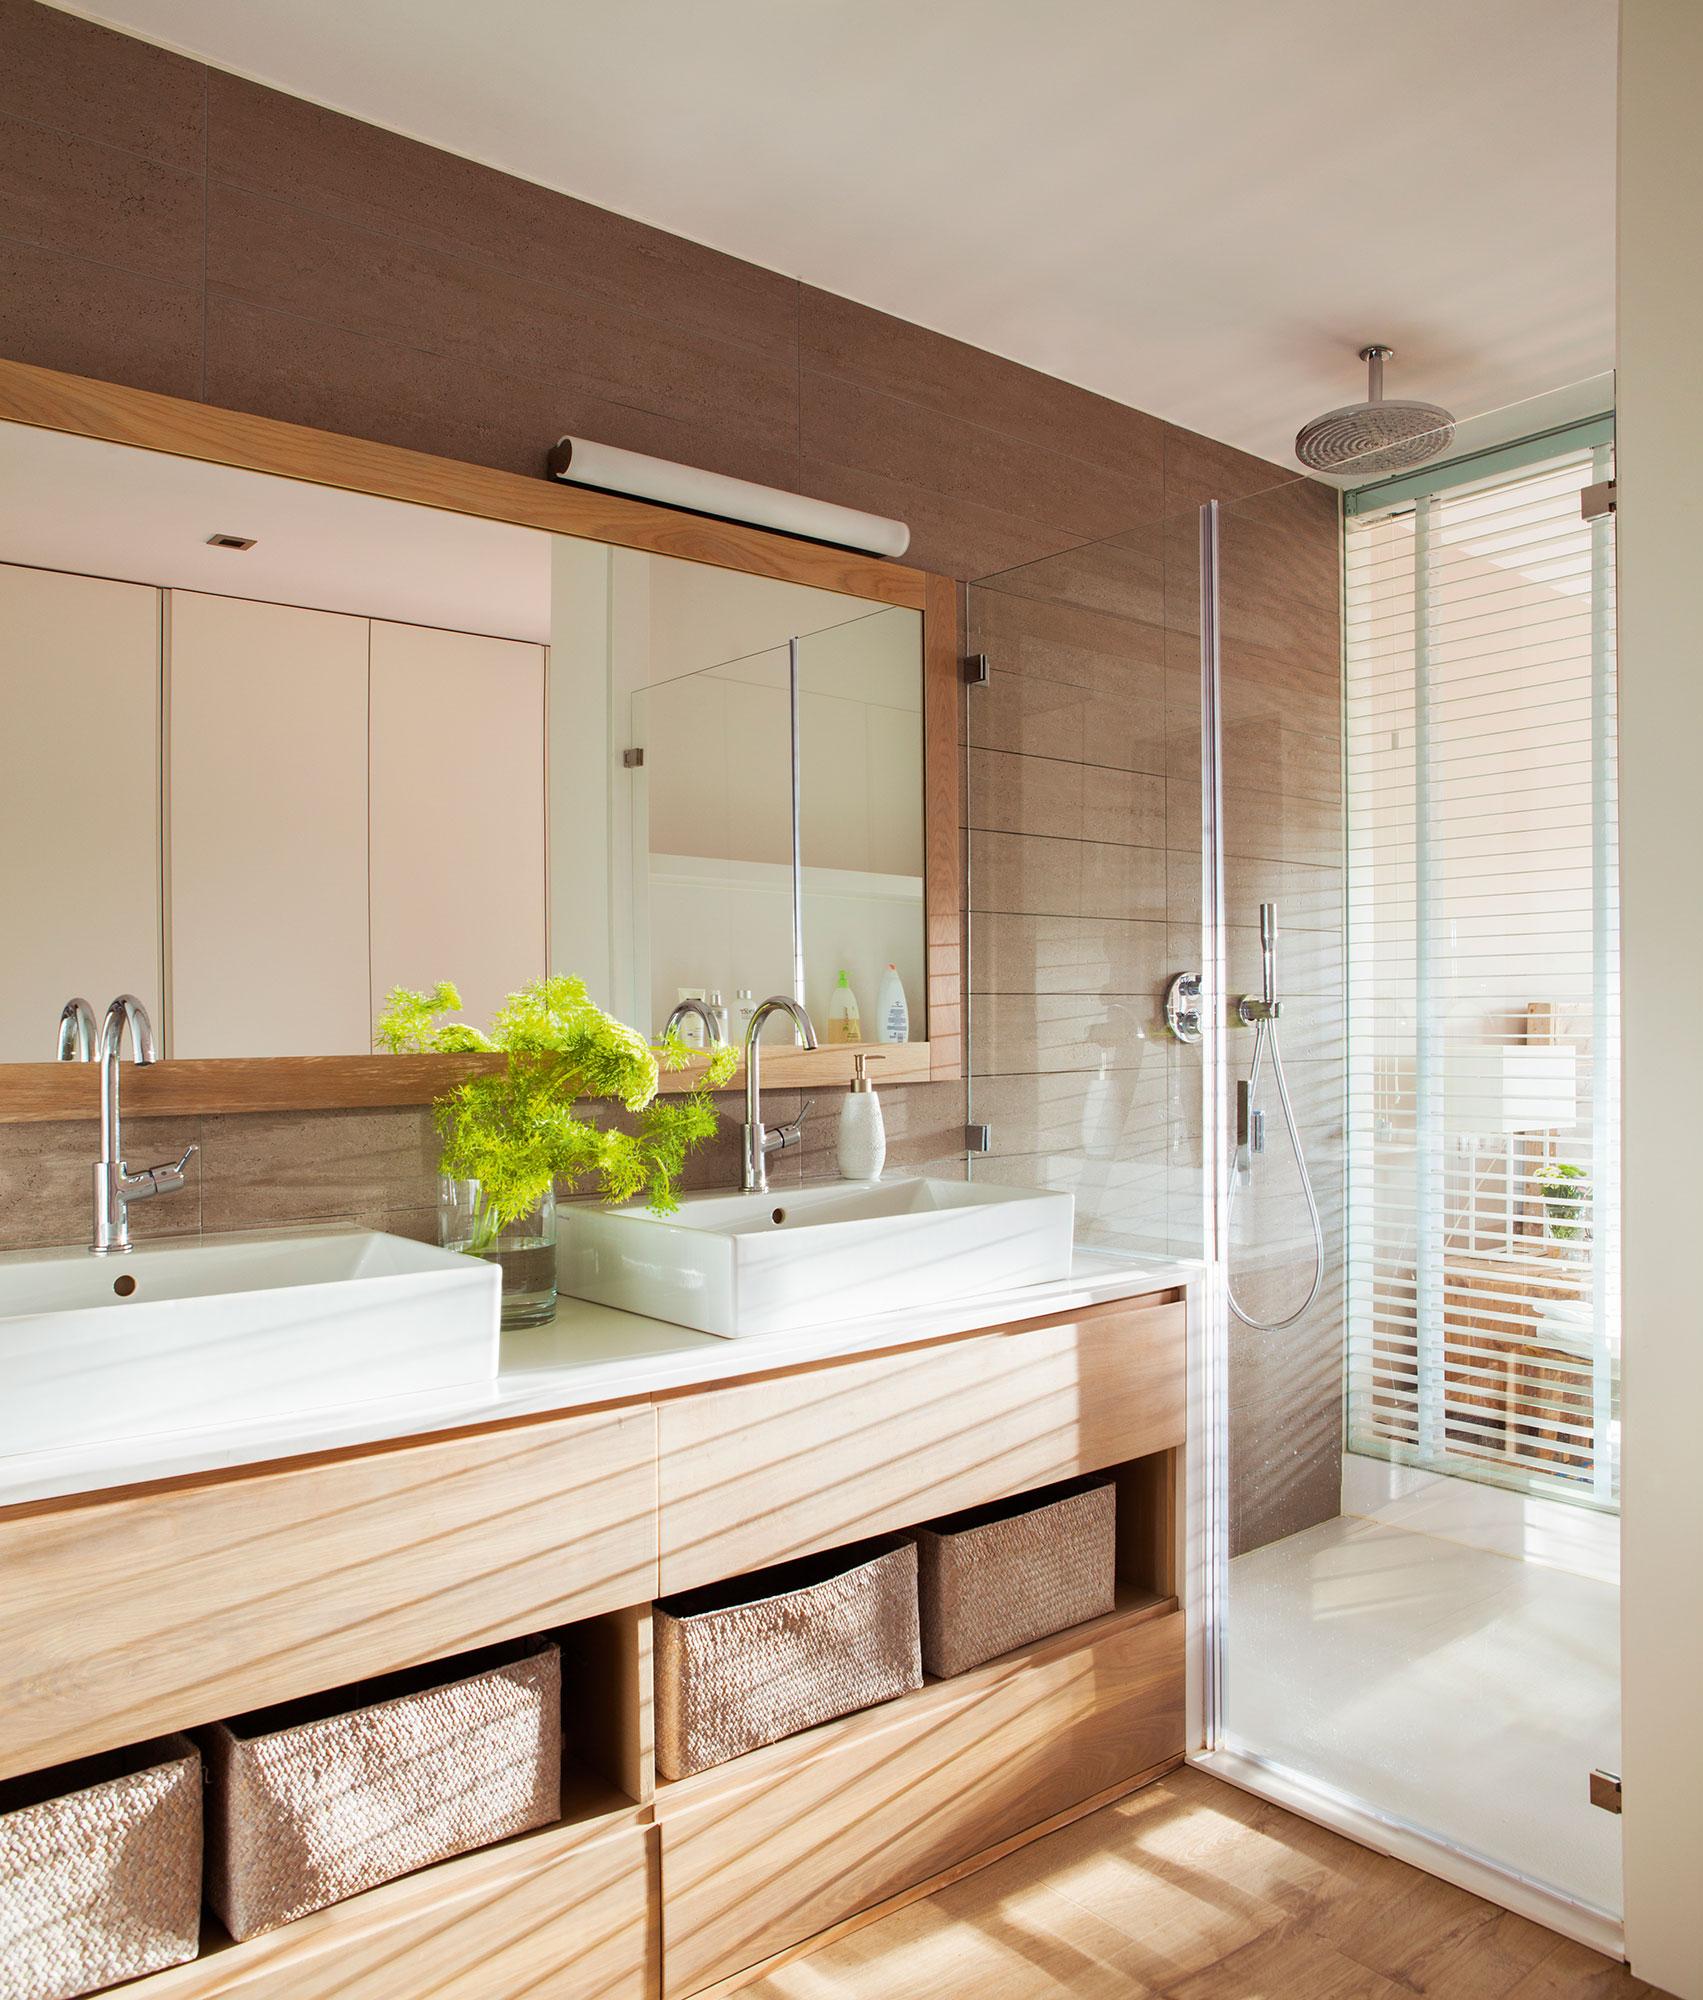 Muebles ba o decoraci n accesorios mamparas y azulejos for Muebles para dentro ducha